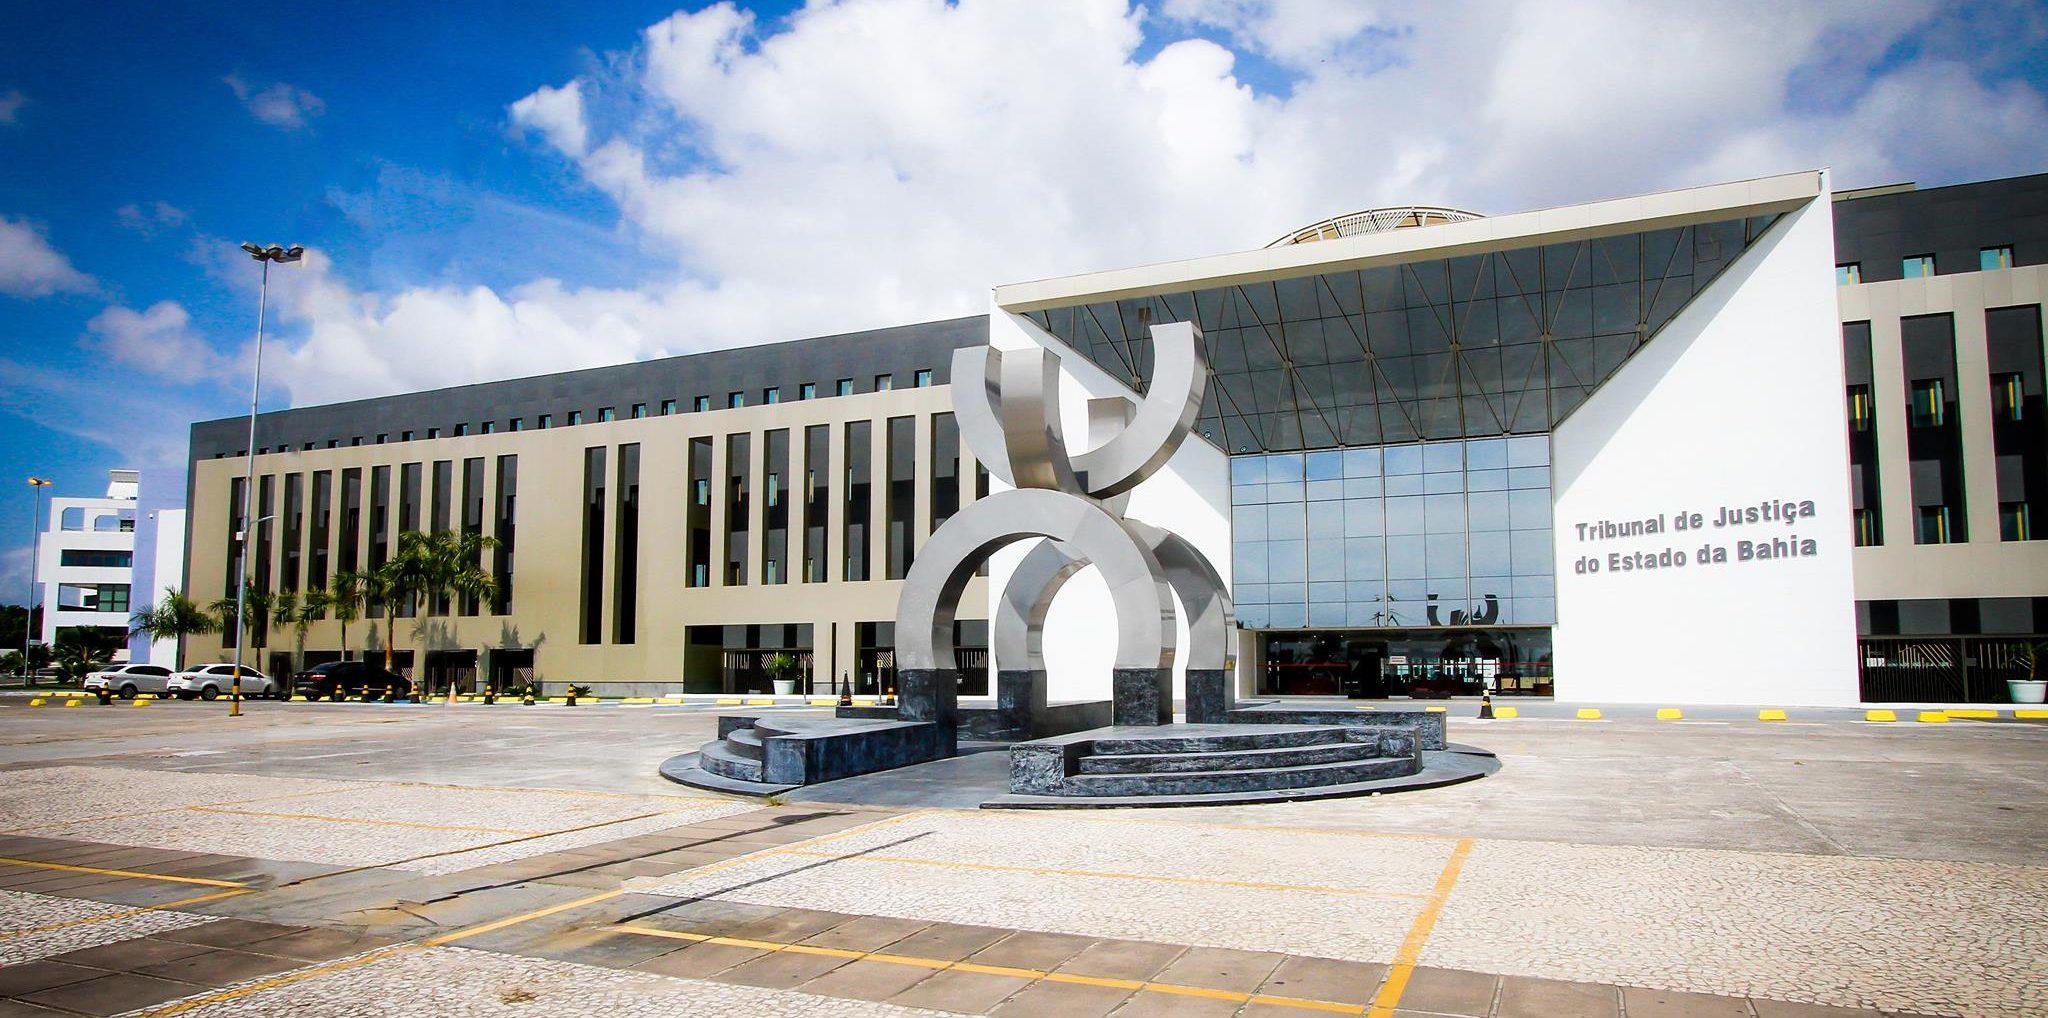 Sede do Tribunal de Justiça do Estado da Bahia, em Salvador. Foto: Reprodução/Tribunal de Justiça da Bahia